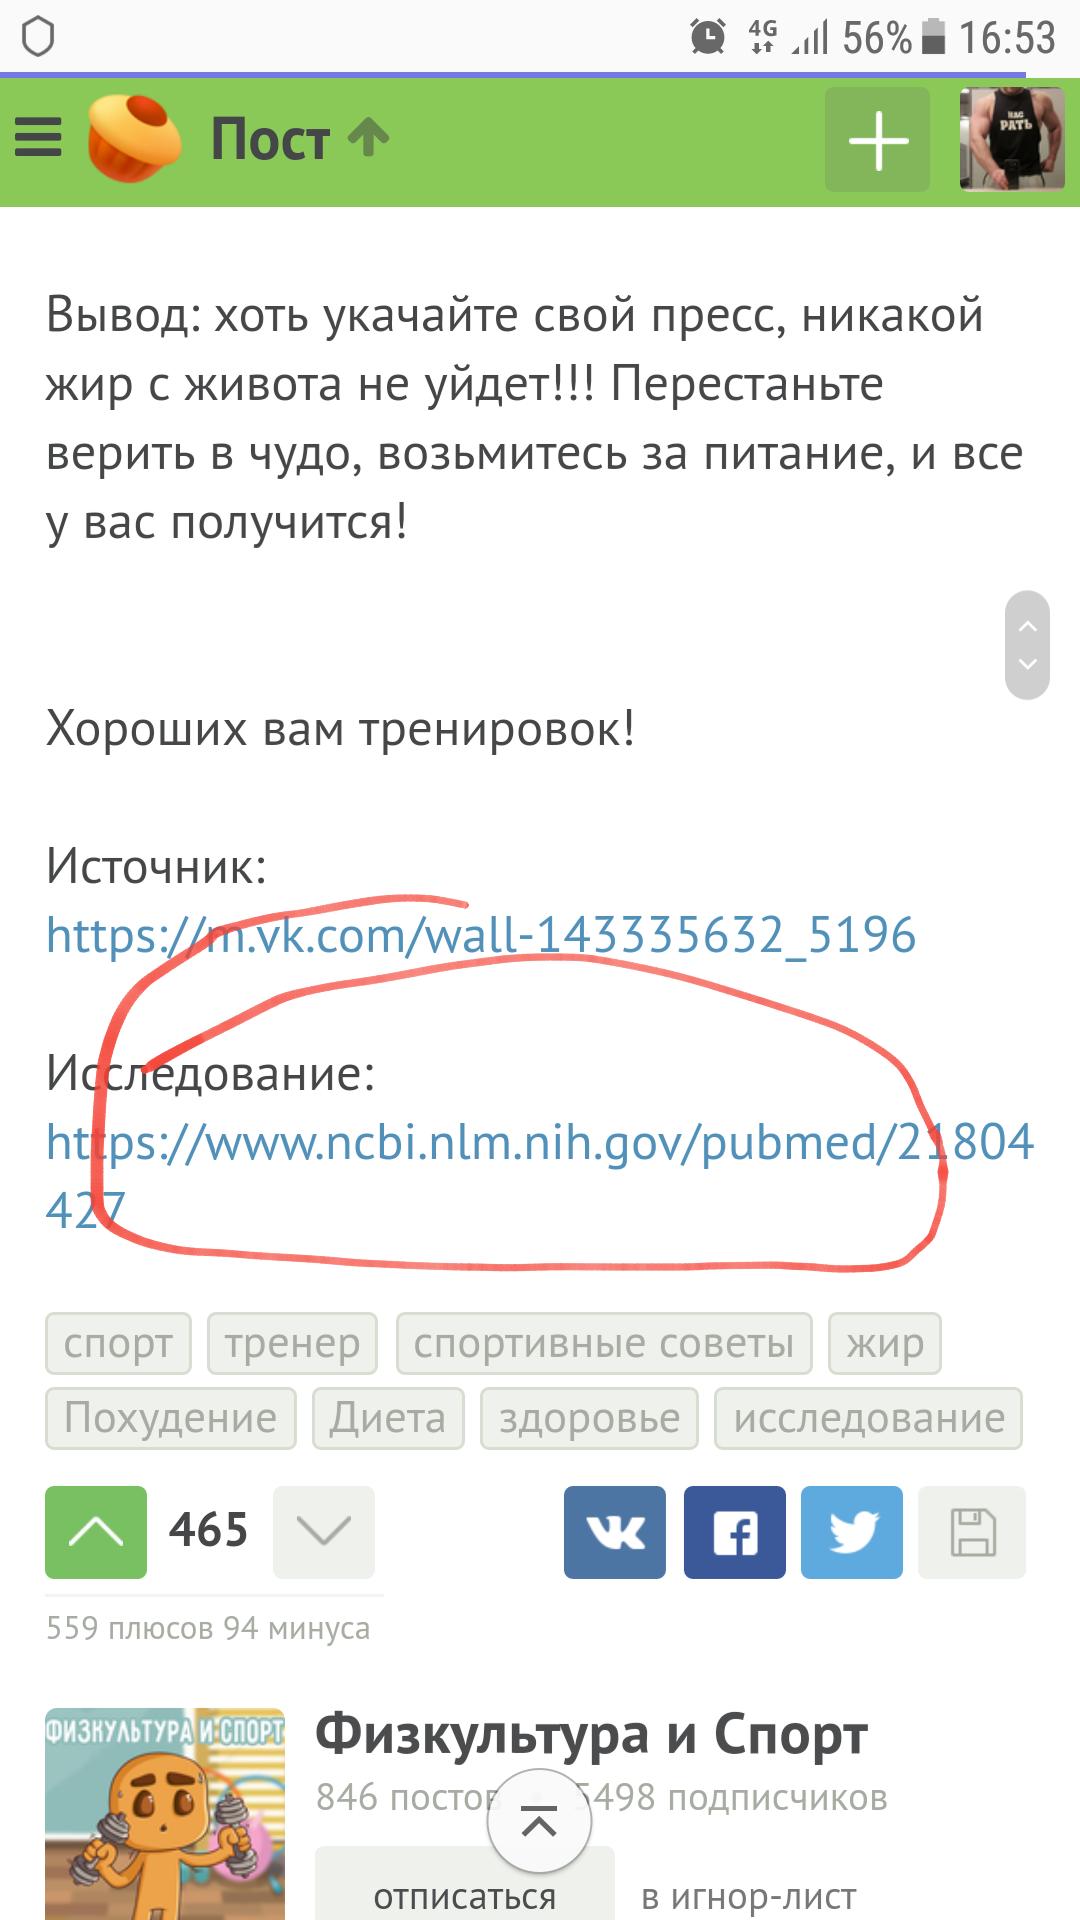 foto-zhir-ebatsya-ne-meshaet-porno-burnaya-koncha-devushek